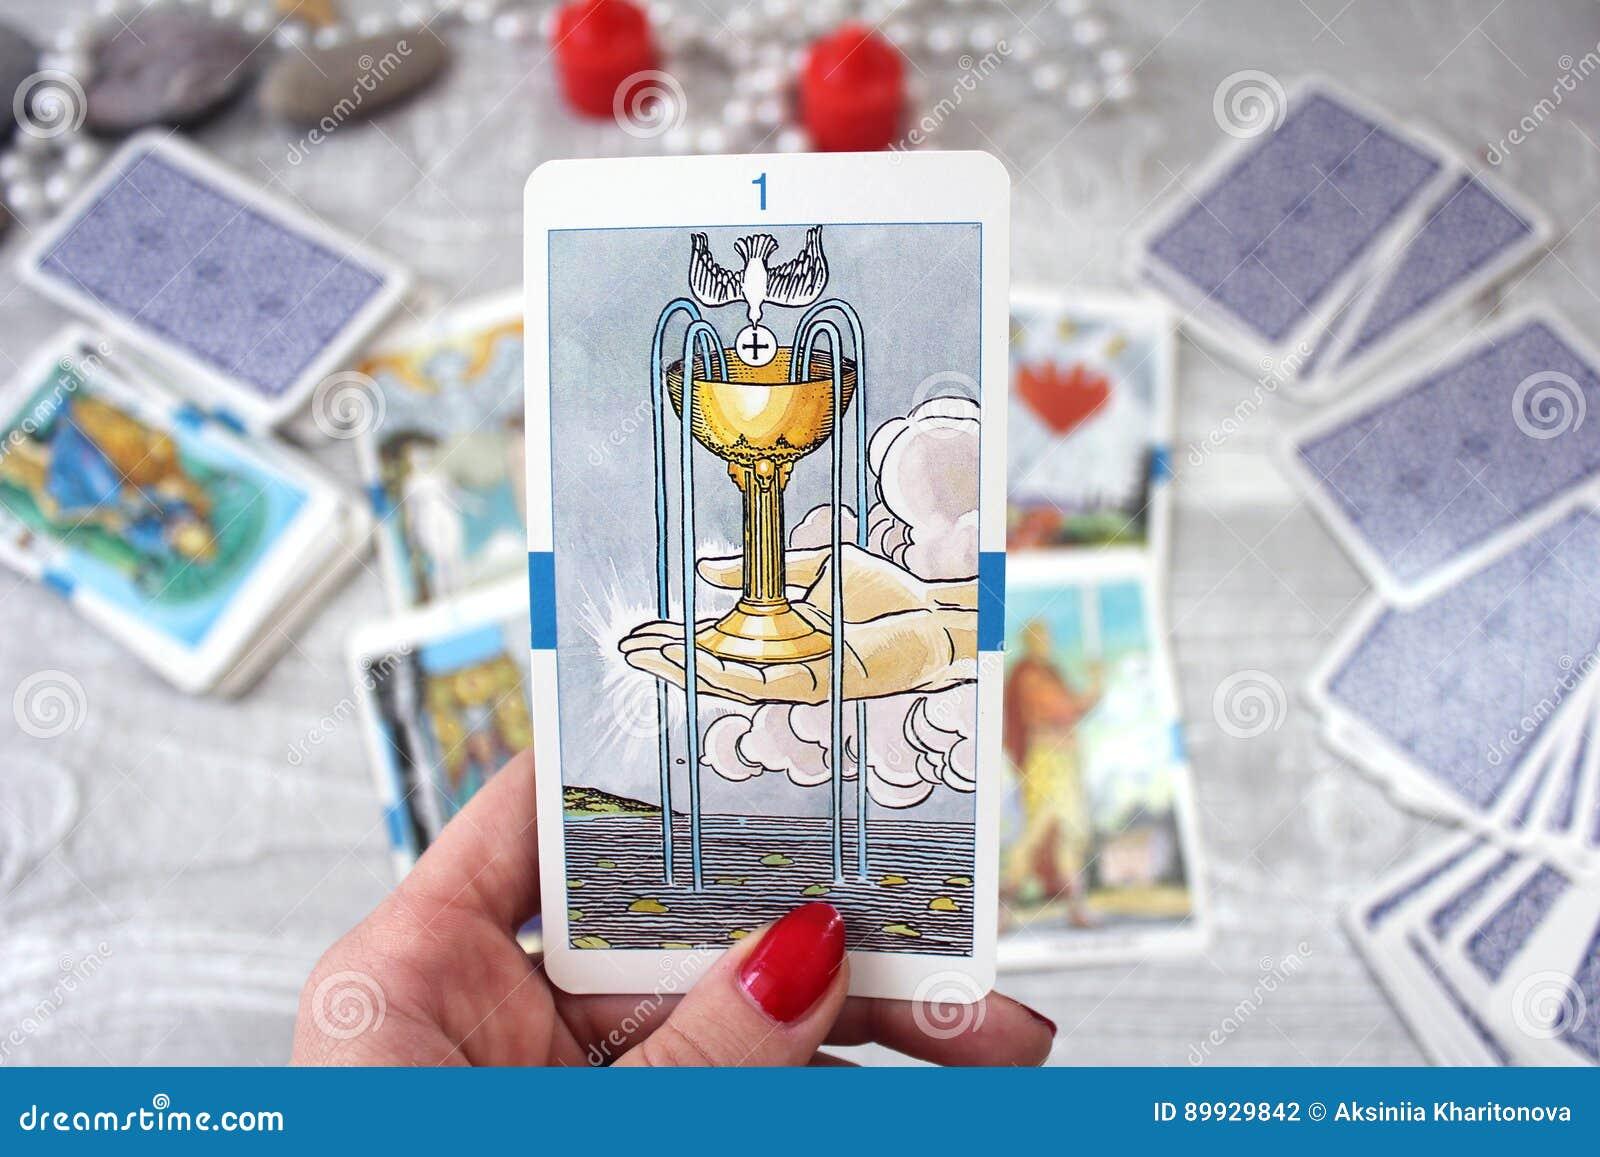 Tarot karty, świeczki i akcesoria na drewnianym stole,